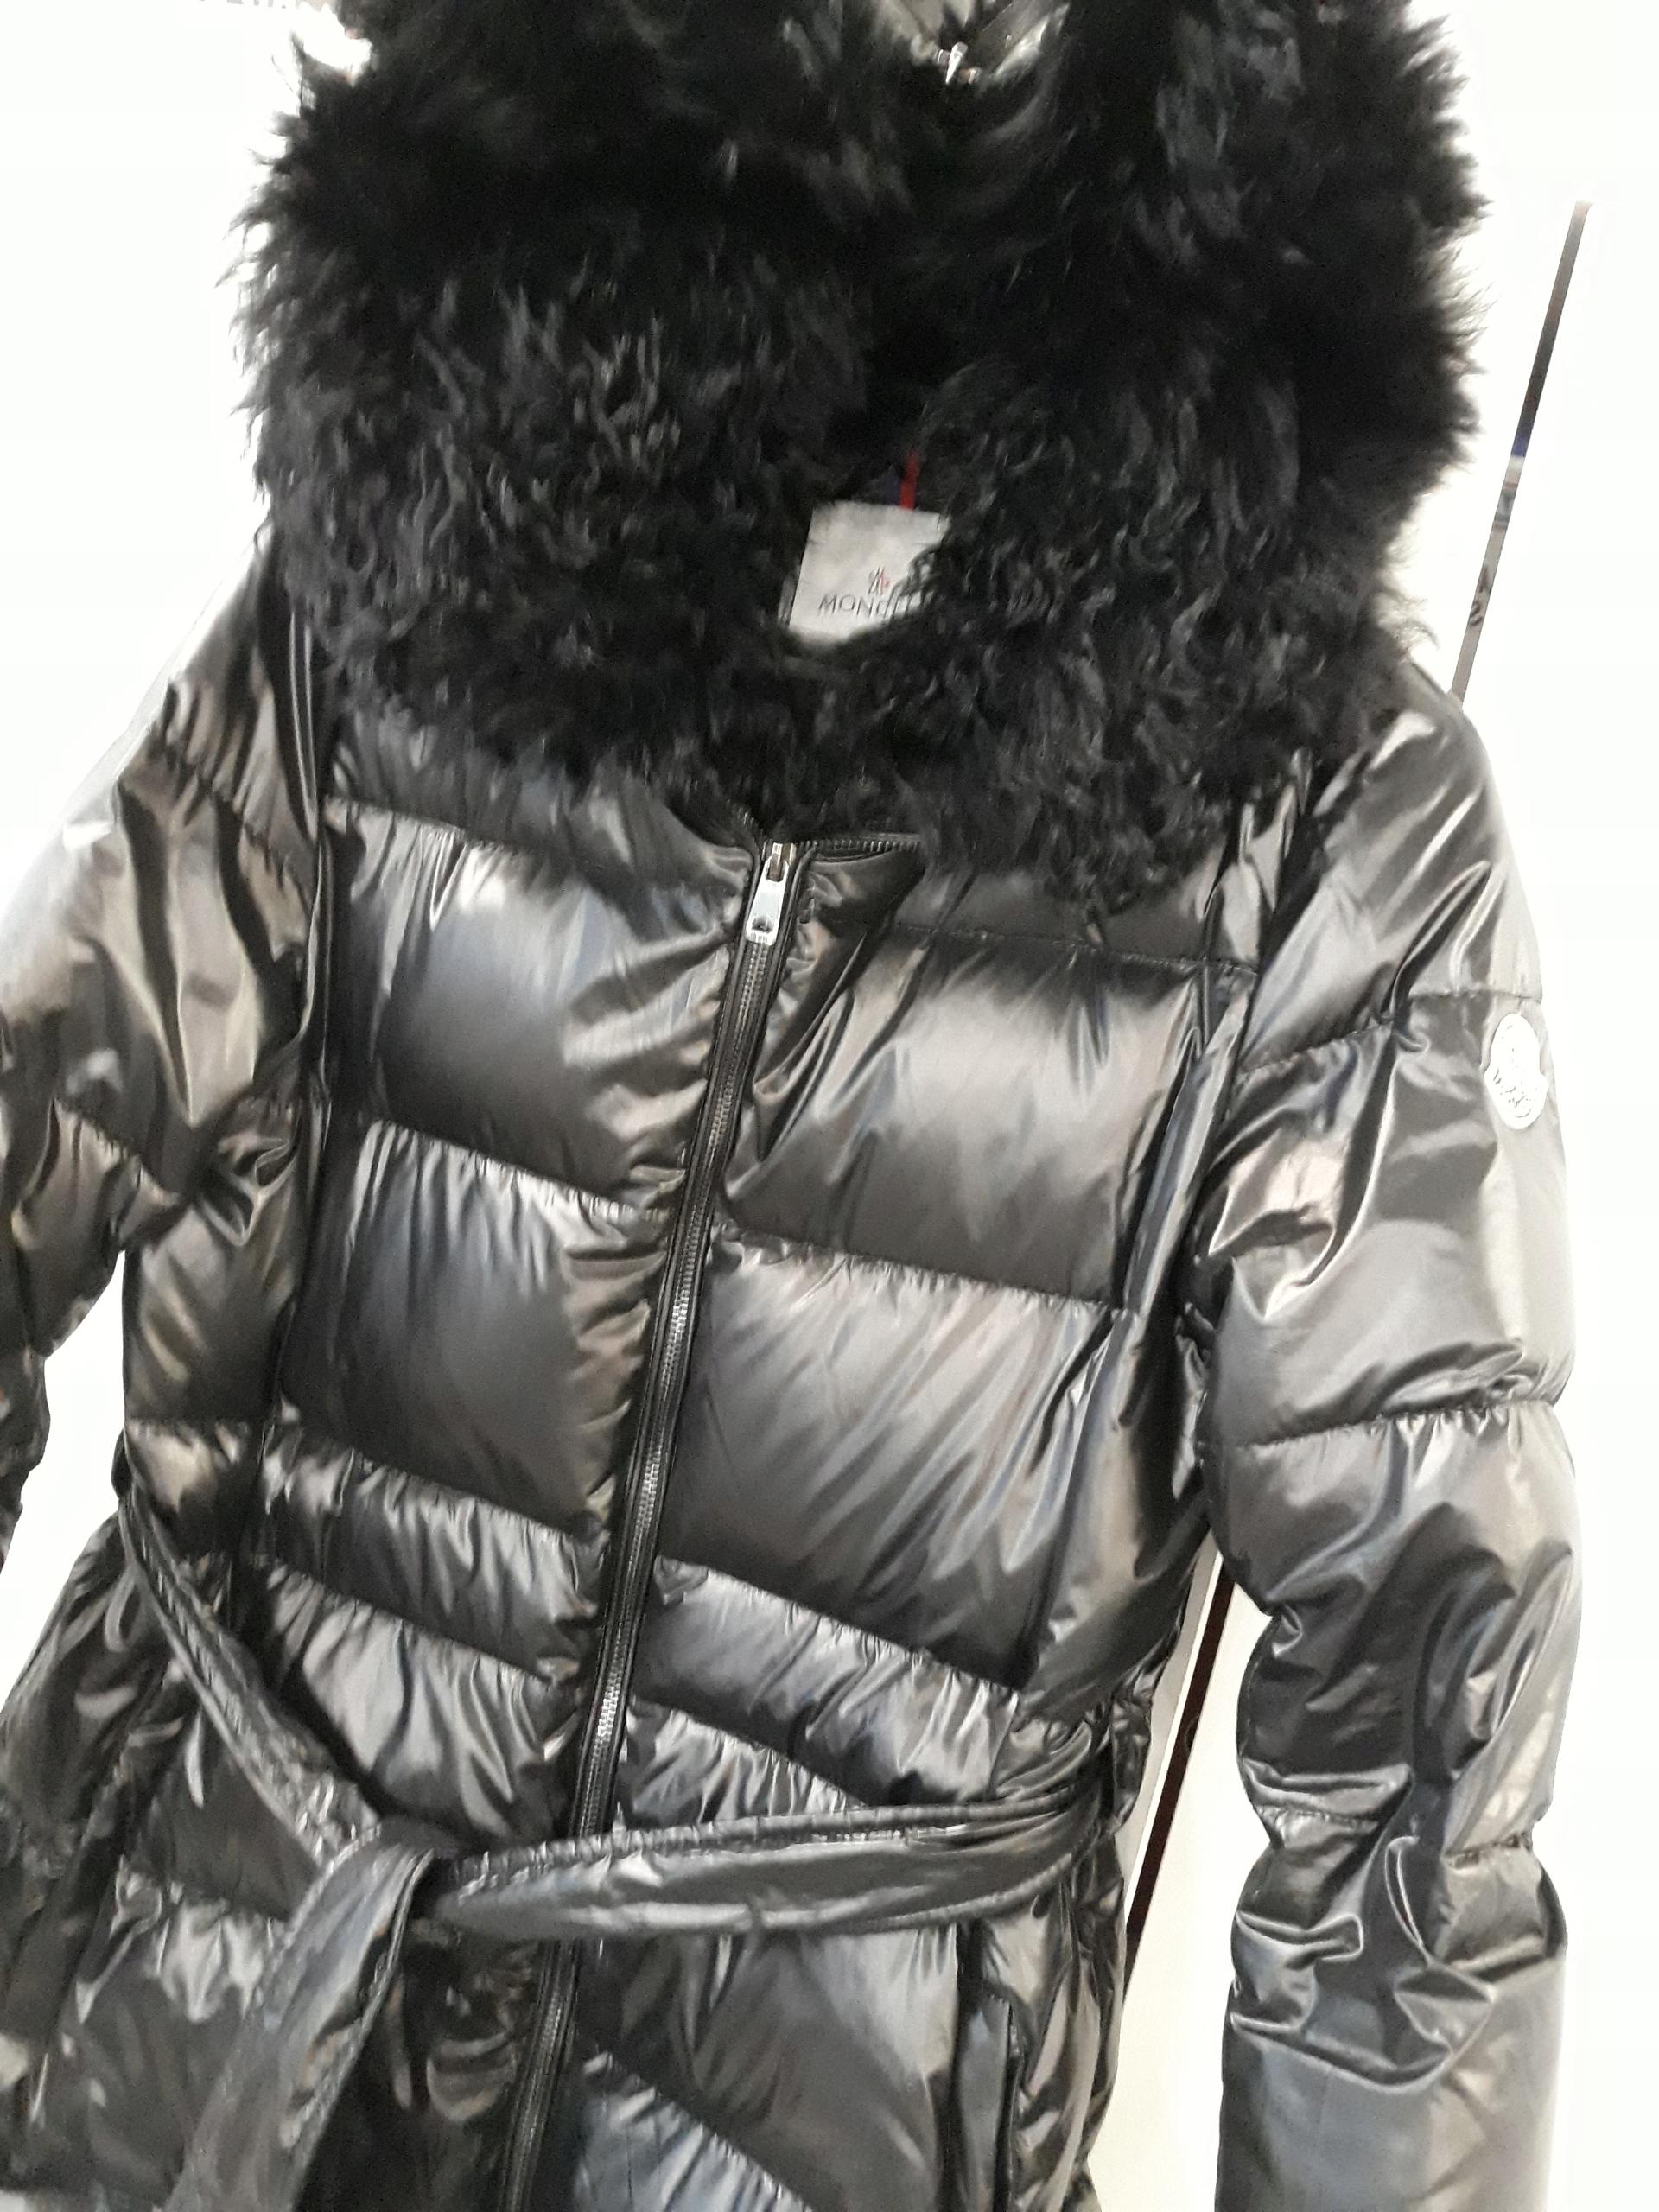 31a91430 Moncler płaszcz puchowy nowy rozm 38 - 7703228610 - oficjalne ...